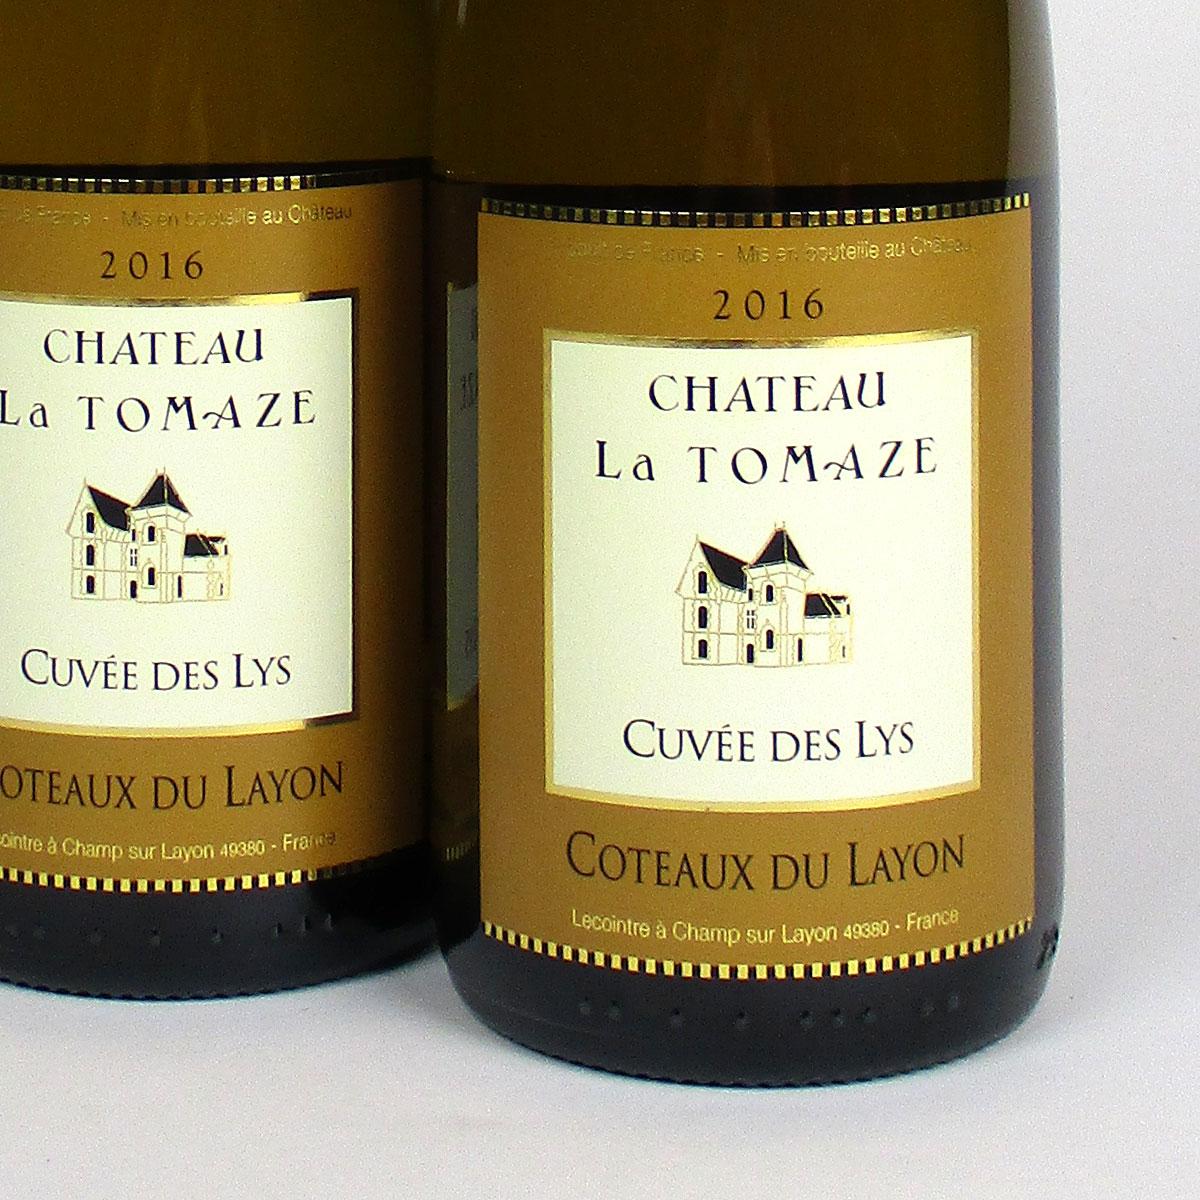 Coteaux du Layon: 'Cuvée des Lys' Château la Tomaze 2016